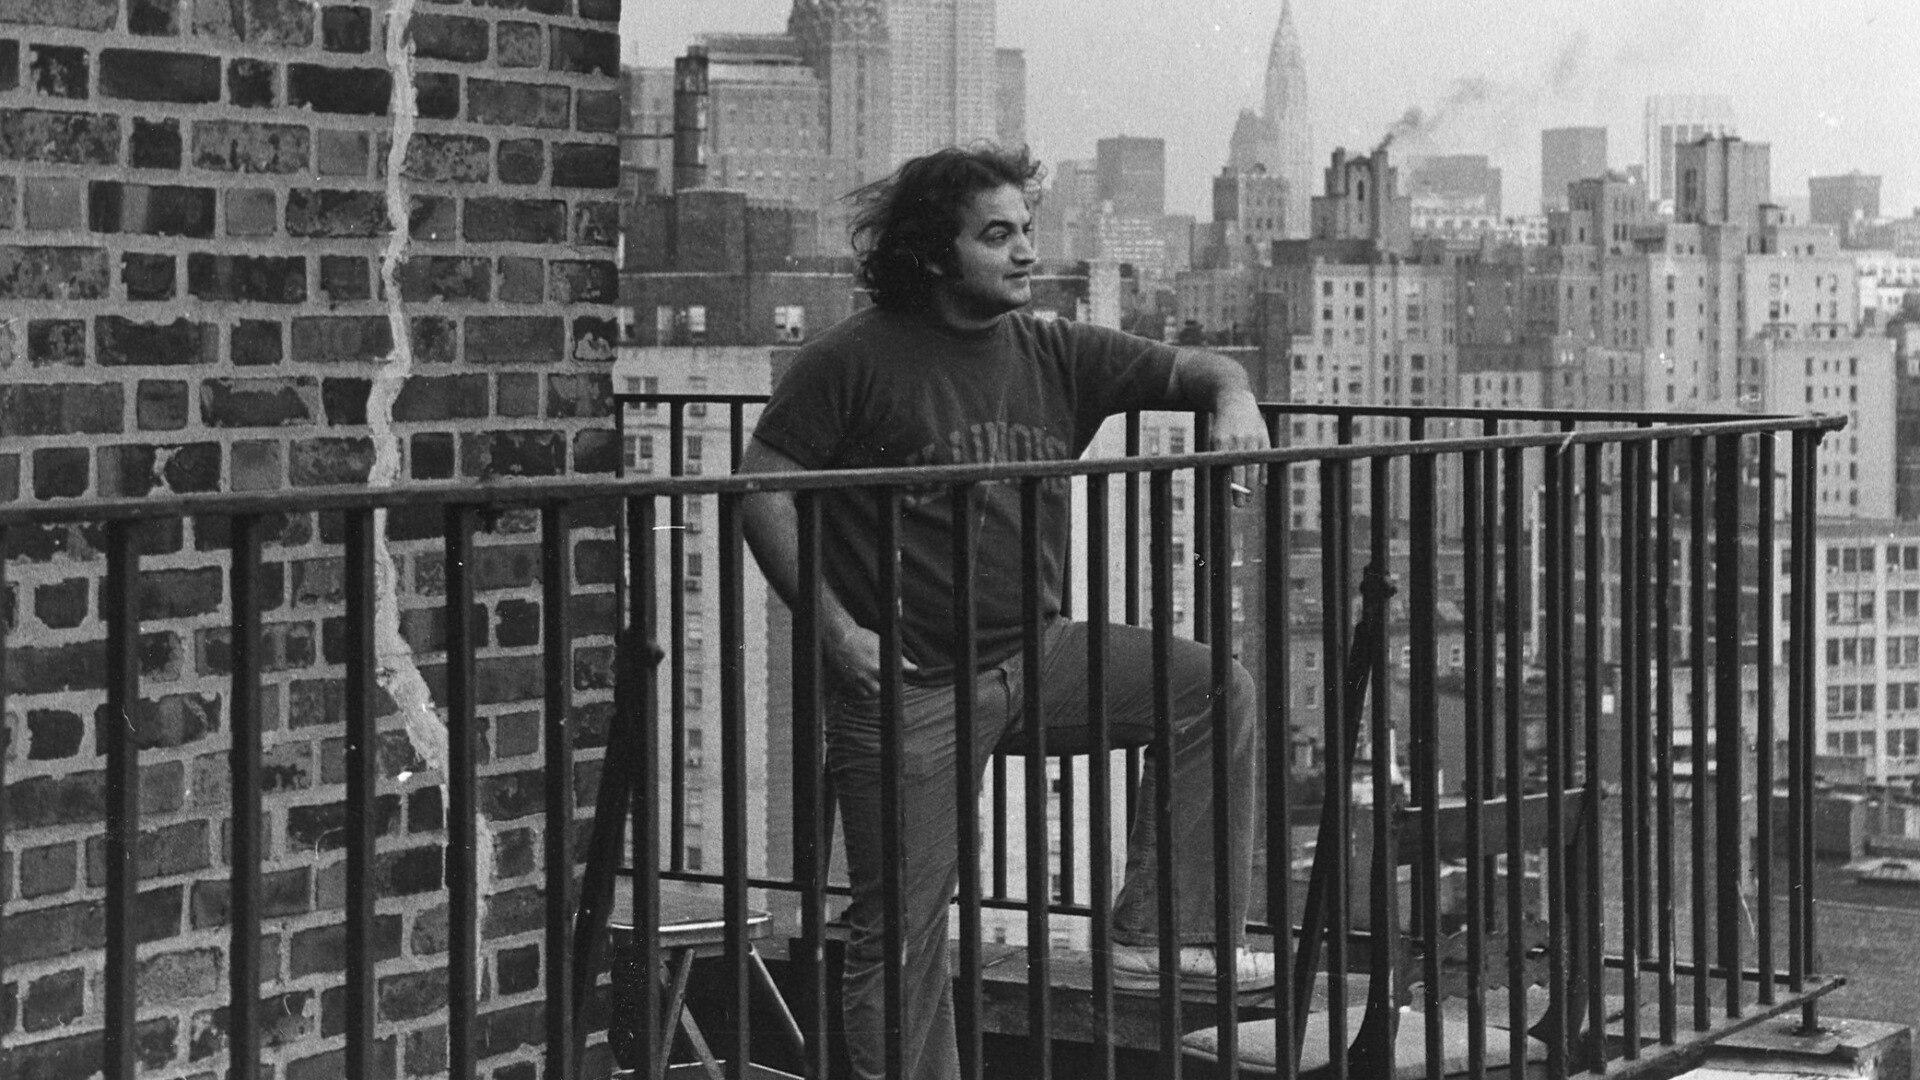 John Belushi: Too Young To Die